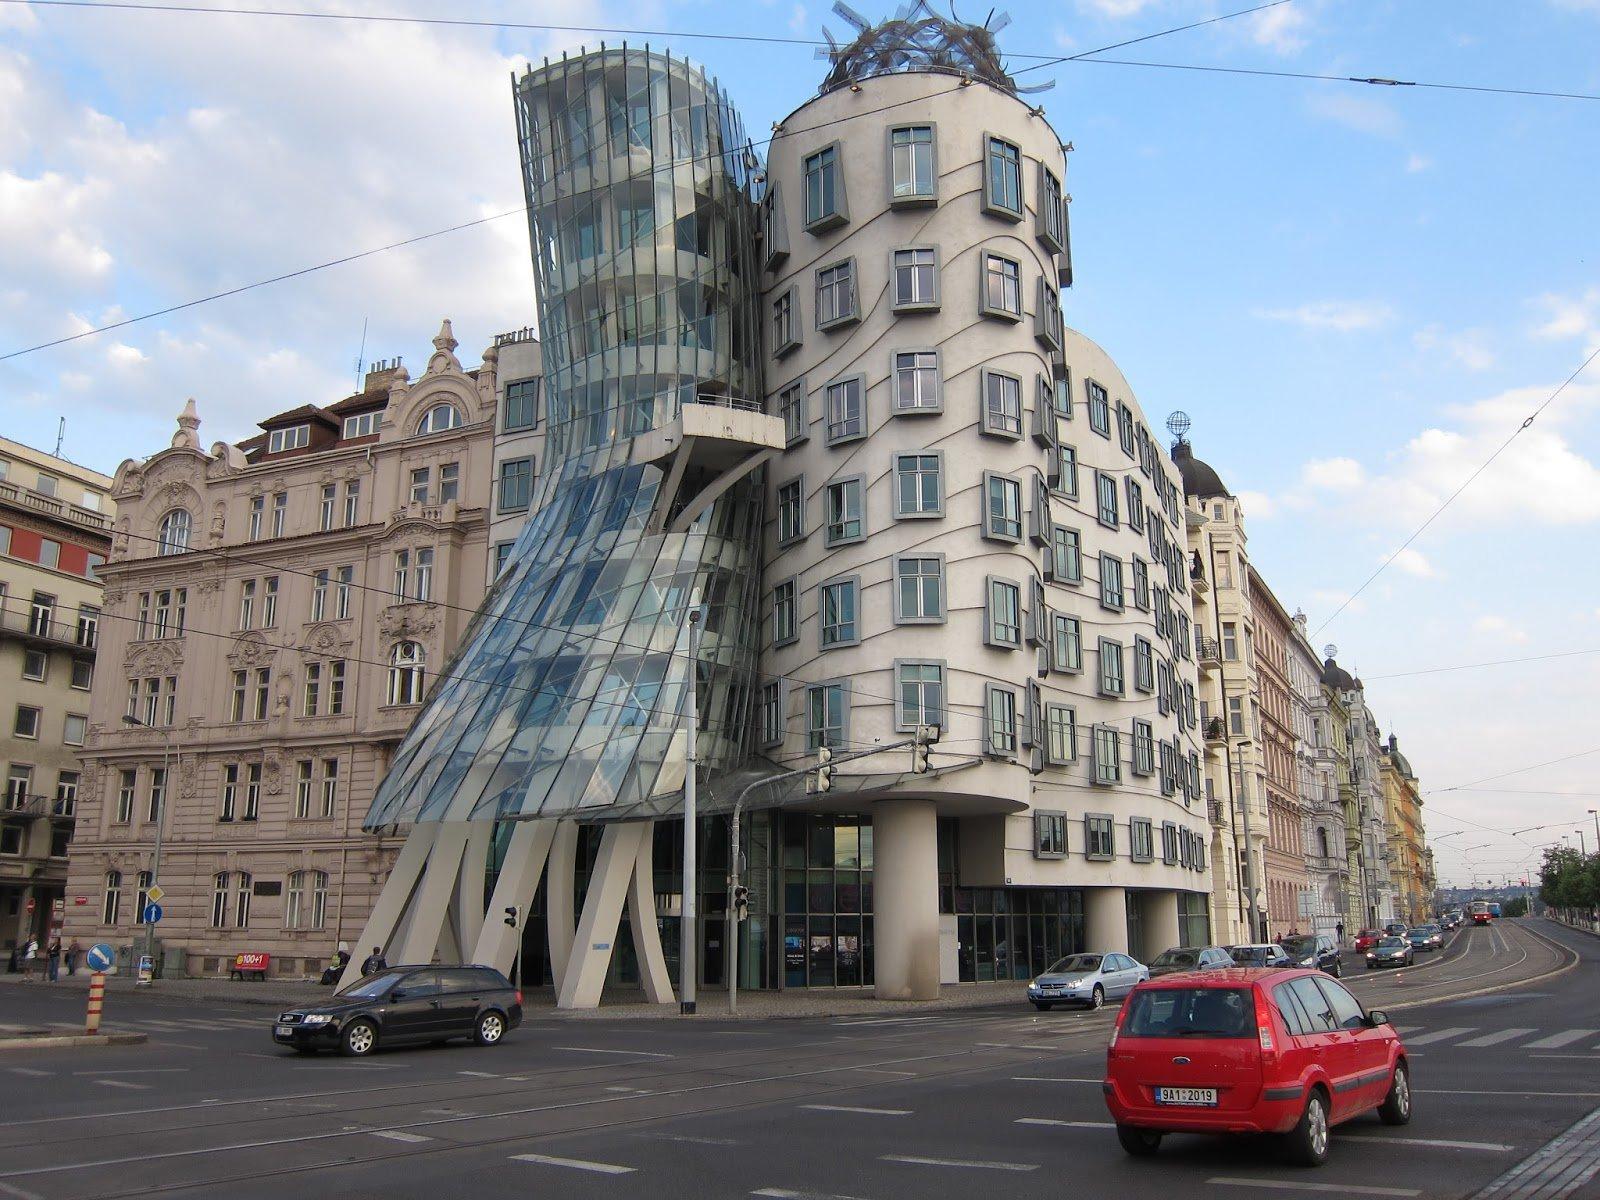 Прага - древнейший город Центральной Европы